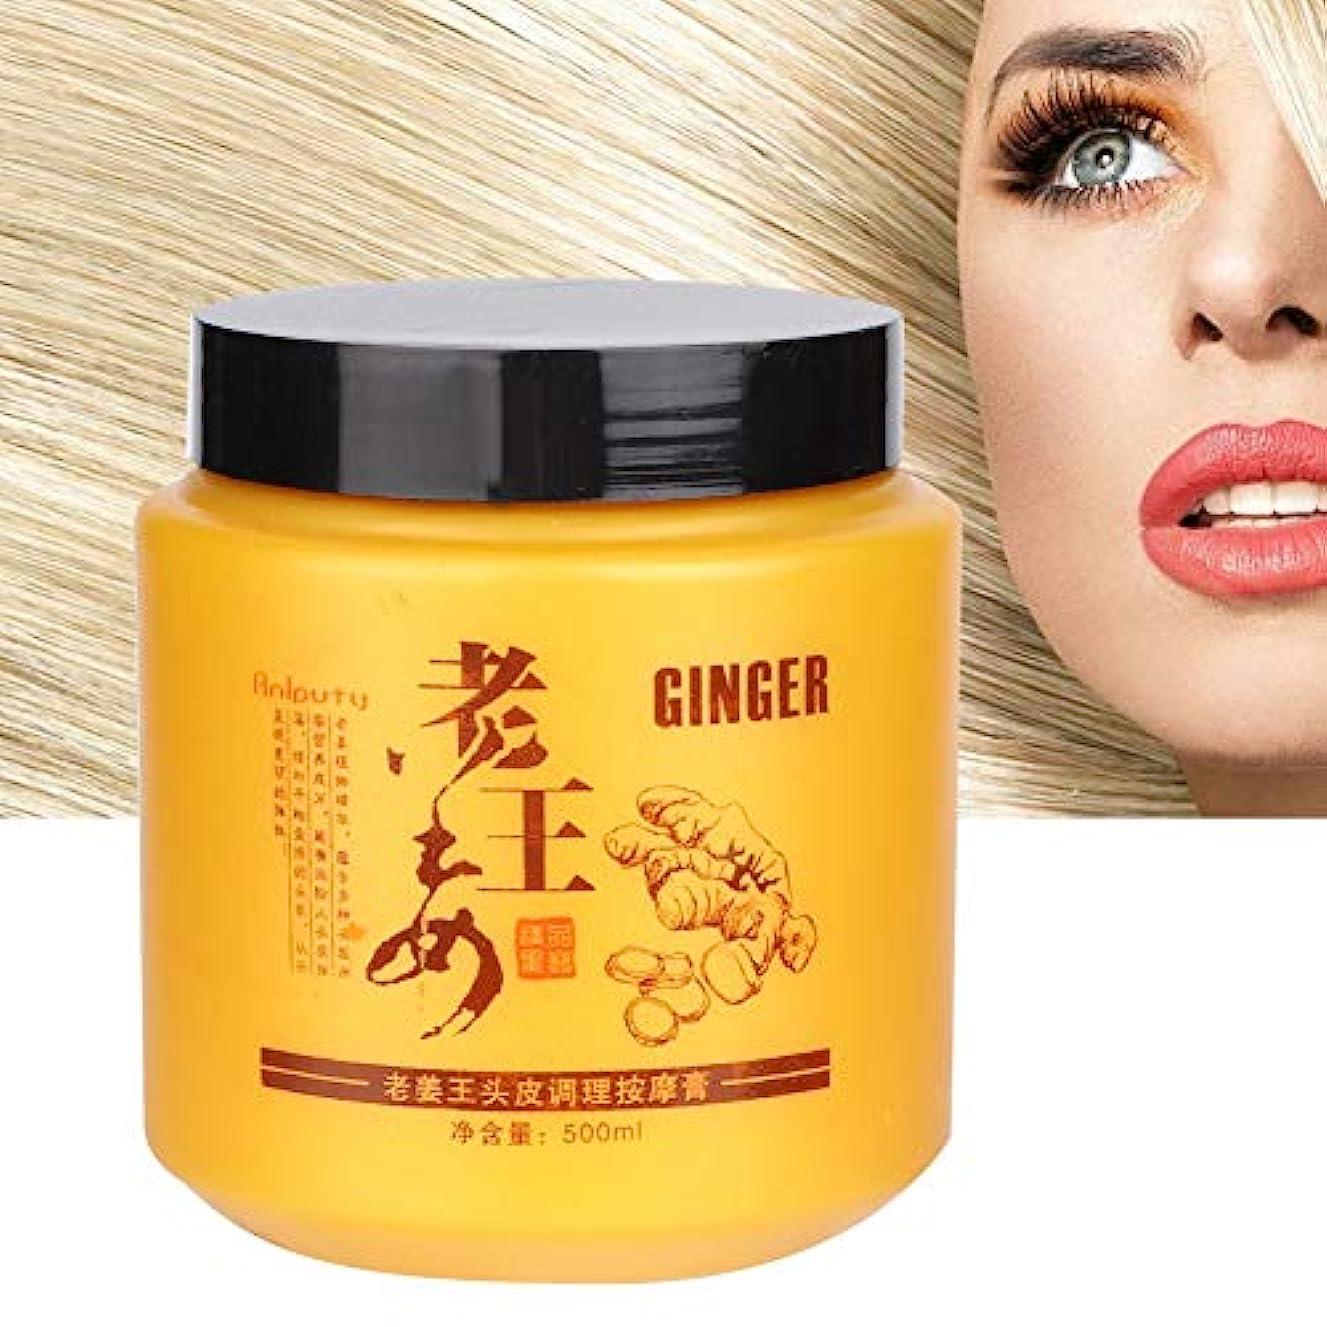 ヘクタール信頼性のある提案ヘアマスク、保湿強化粘り強く修復ダメージを受けたヘアマスク用女性頭皮コンディショニングマッサージクリーム500ミリリットル